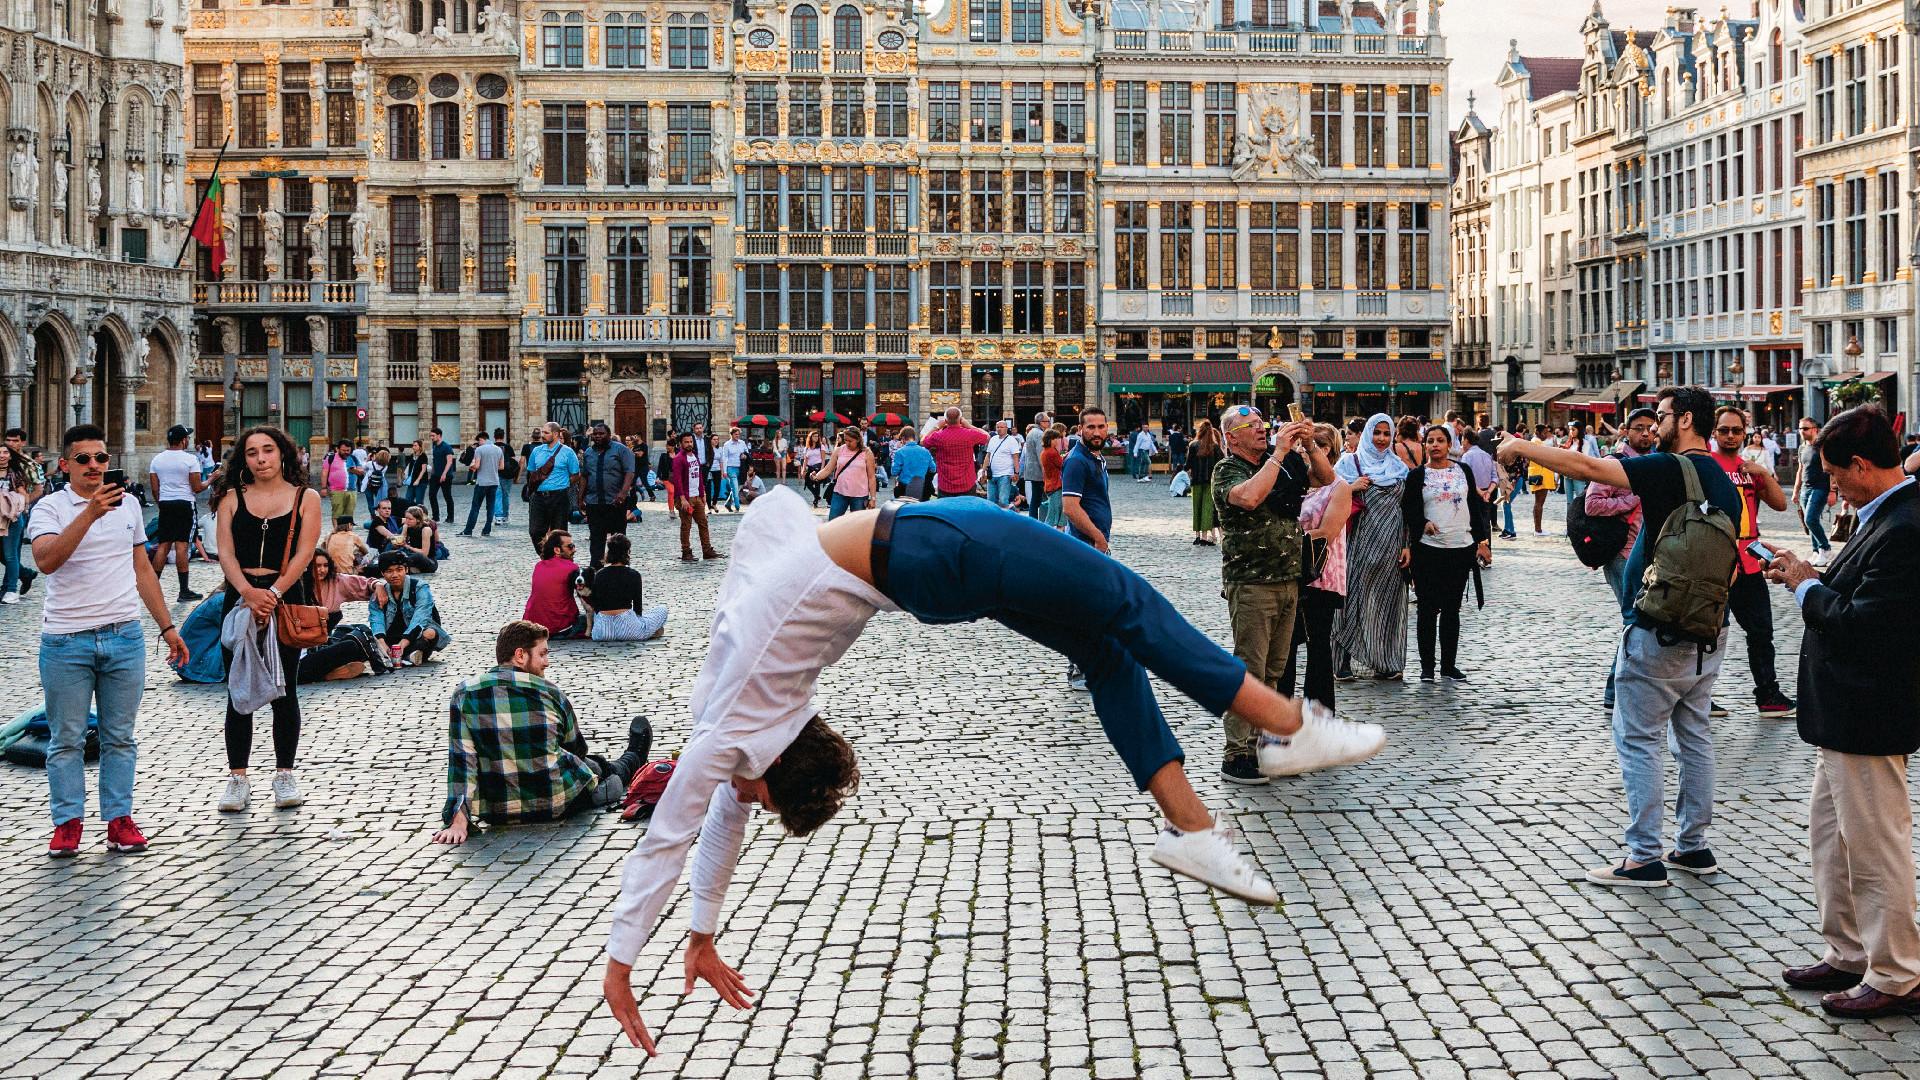 Street performer in Brussels, Belgium